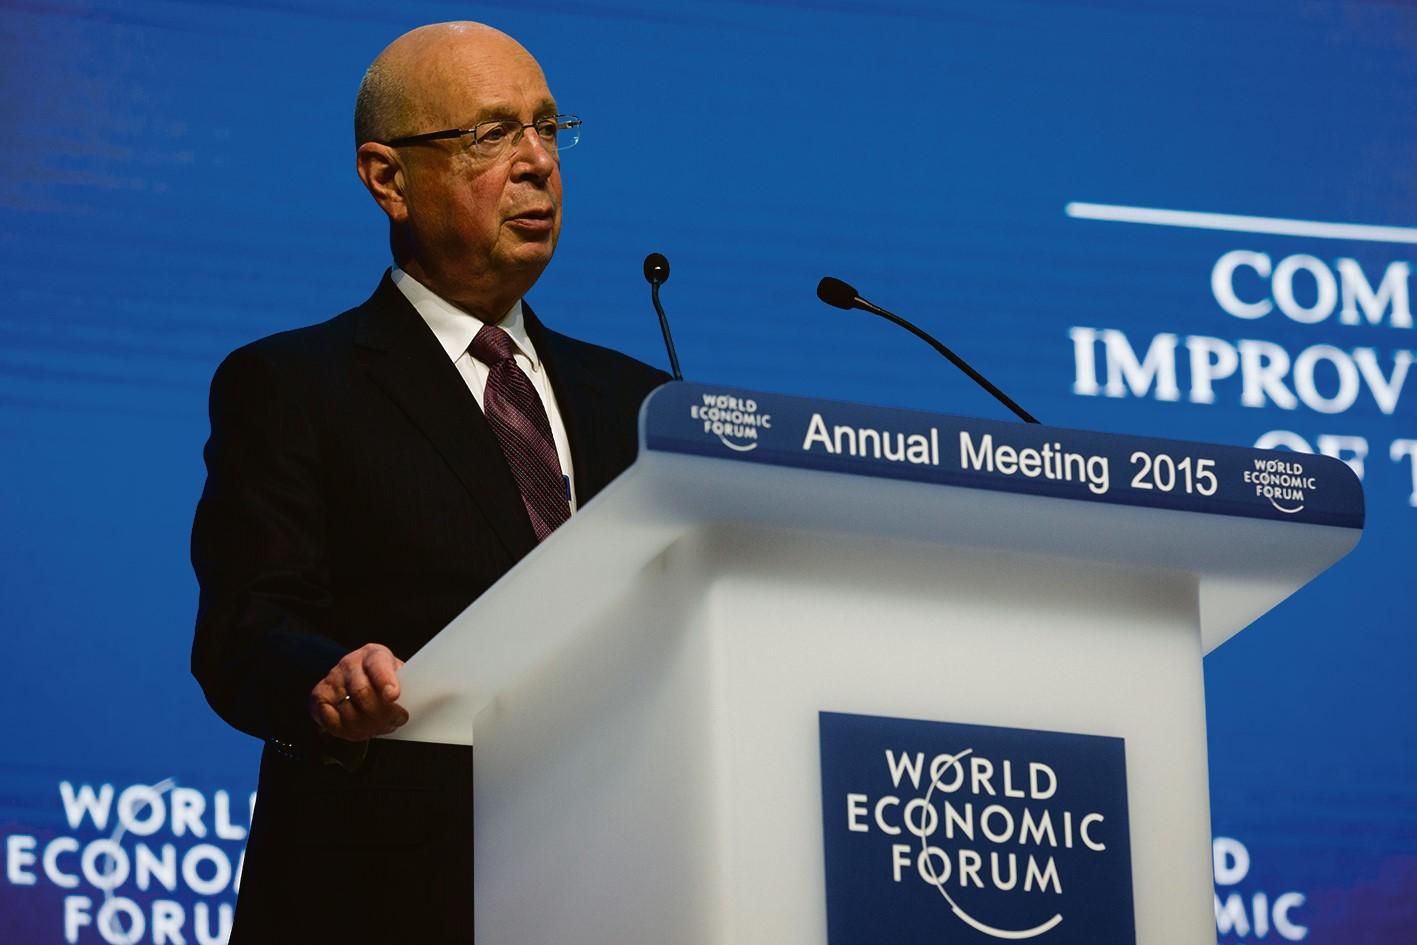 Klaus Schwab speaking at the World Economic Forum